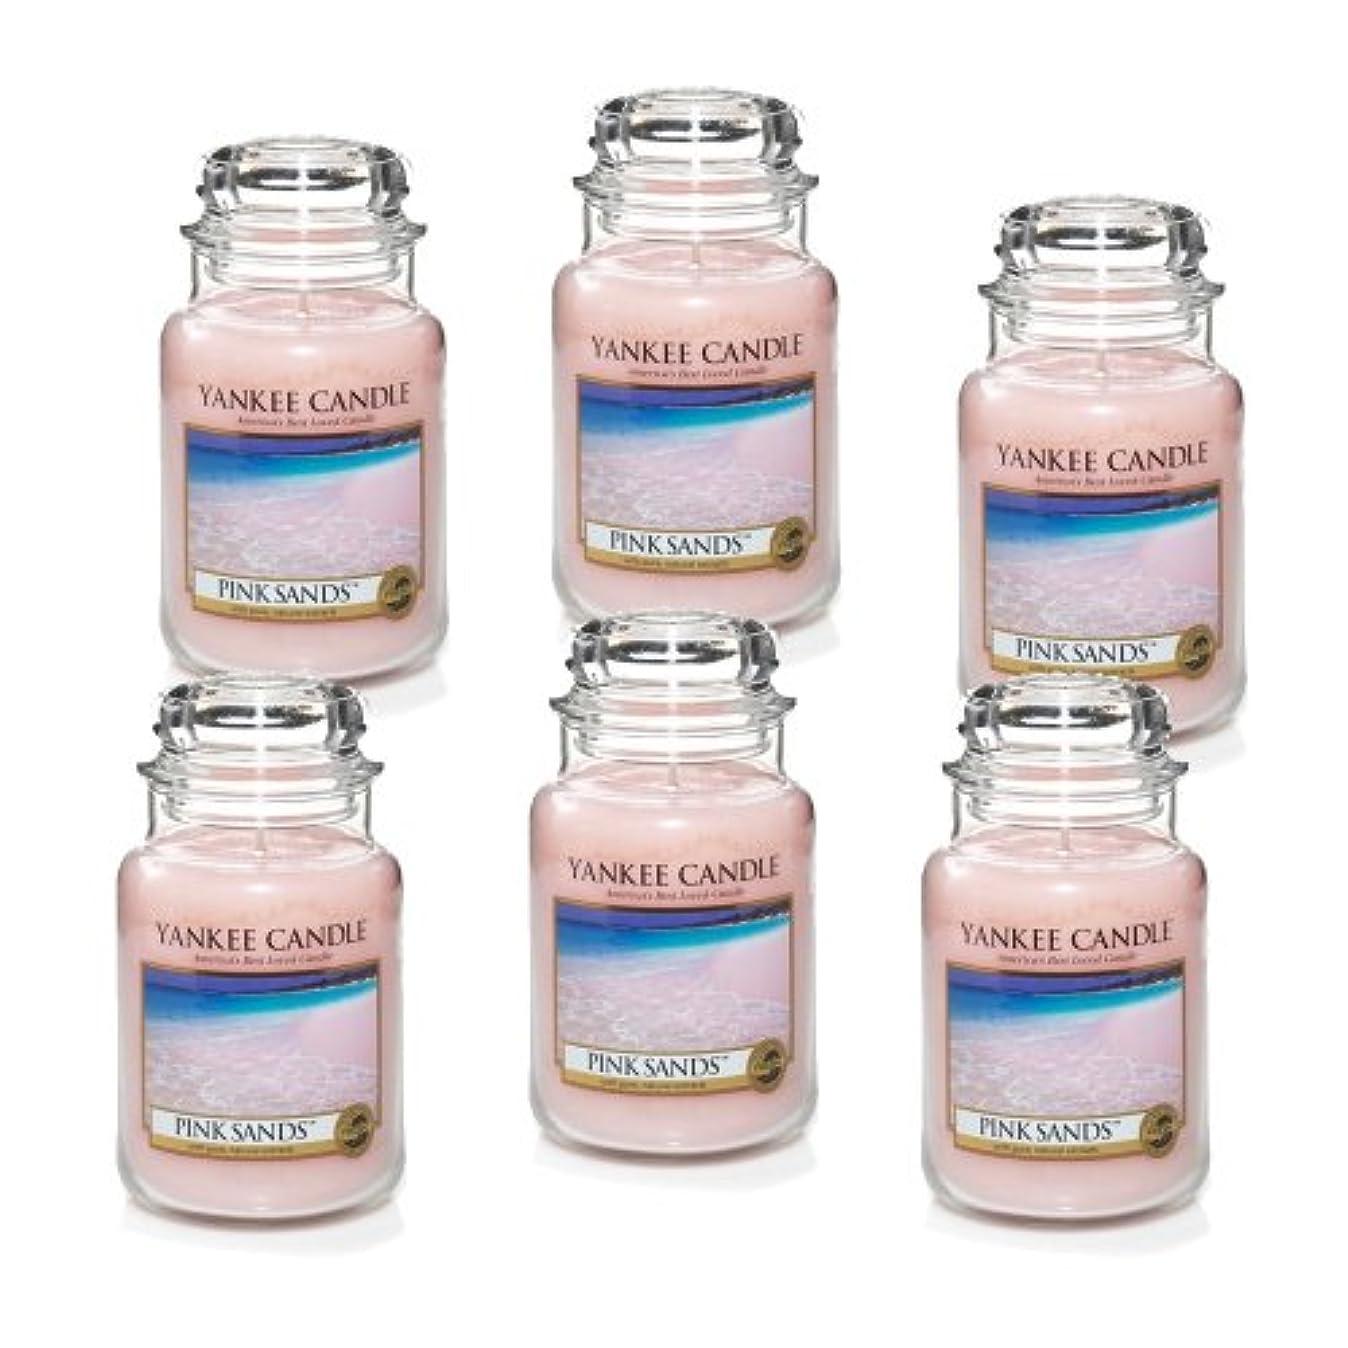 夜任命するへこみYankee Candle ピンクサンズ 大瓶 22オンス キャンドル Set of 6 ピンク 1205337X6